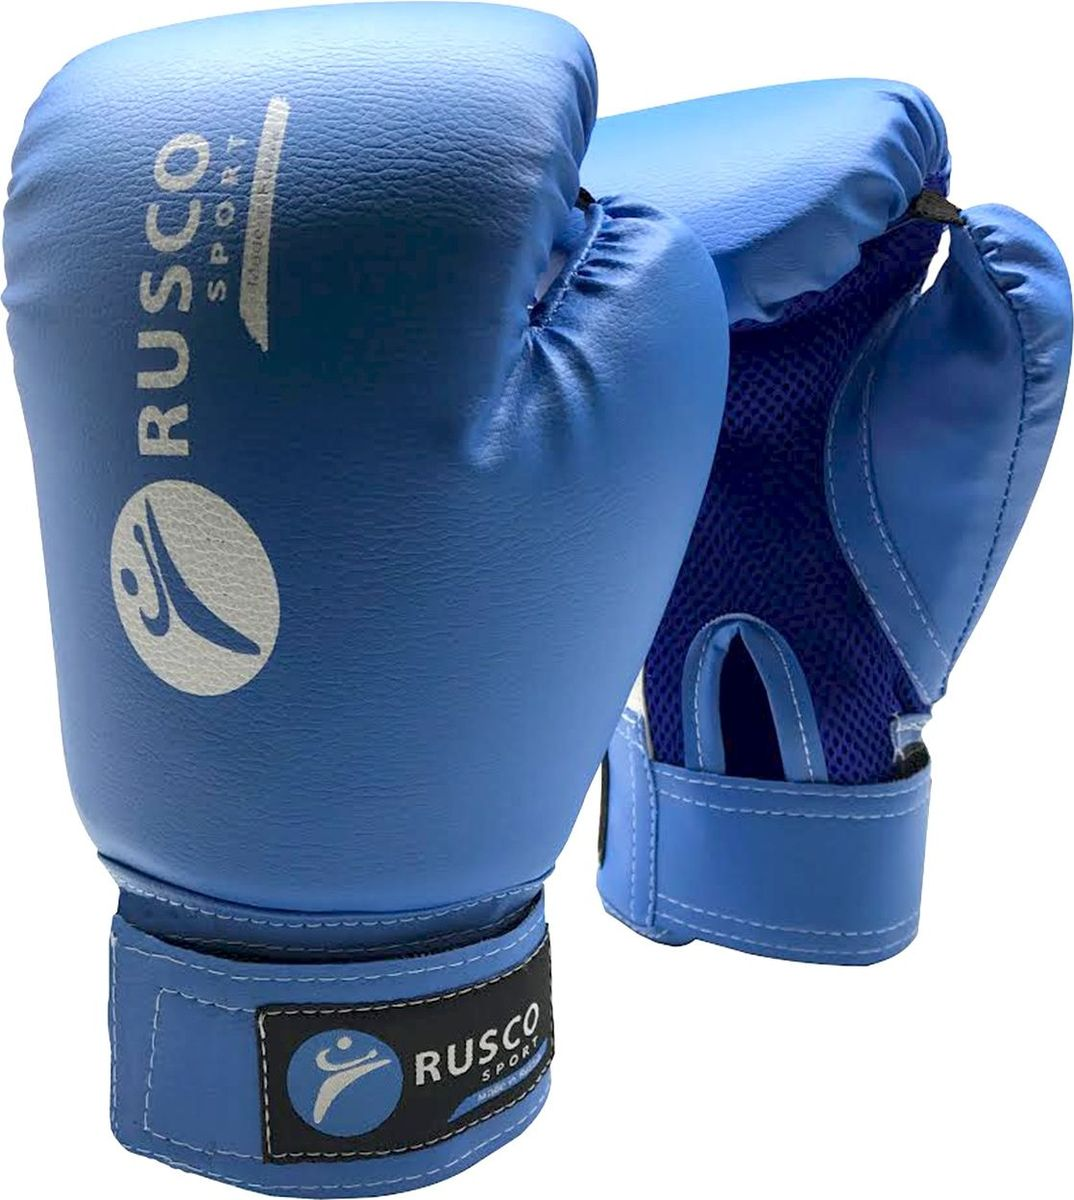 Перчатки боксерские Rusco, цвет: синий, 10 ozAIRWHEEL M3-162.8Перчатки боксерские, 10oz, к/з - это боксерские перчатки синего цвета, которые широко используются начинающими спортсменами и юниорами на тренировках. Перчатки имеют мягкую набивку, специально разработанная удобная форма позволяет избежать травм во время тренировок и профессионально подготовиться к бою. Превосходно облегают кисть, следуя всем анатомическим изгибам ладони и запястья.